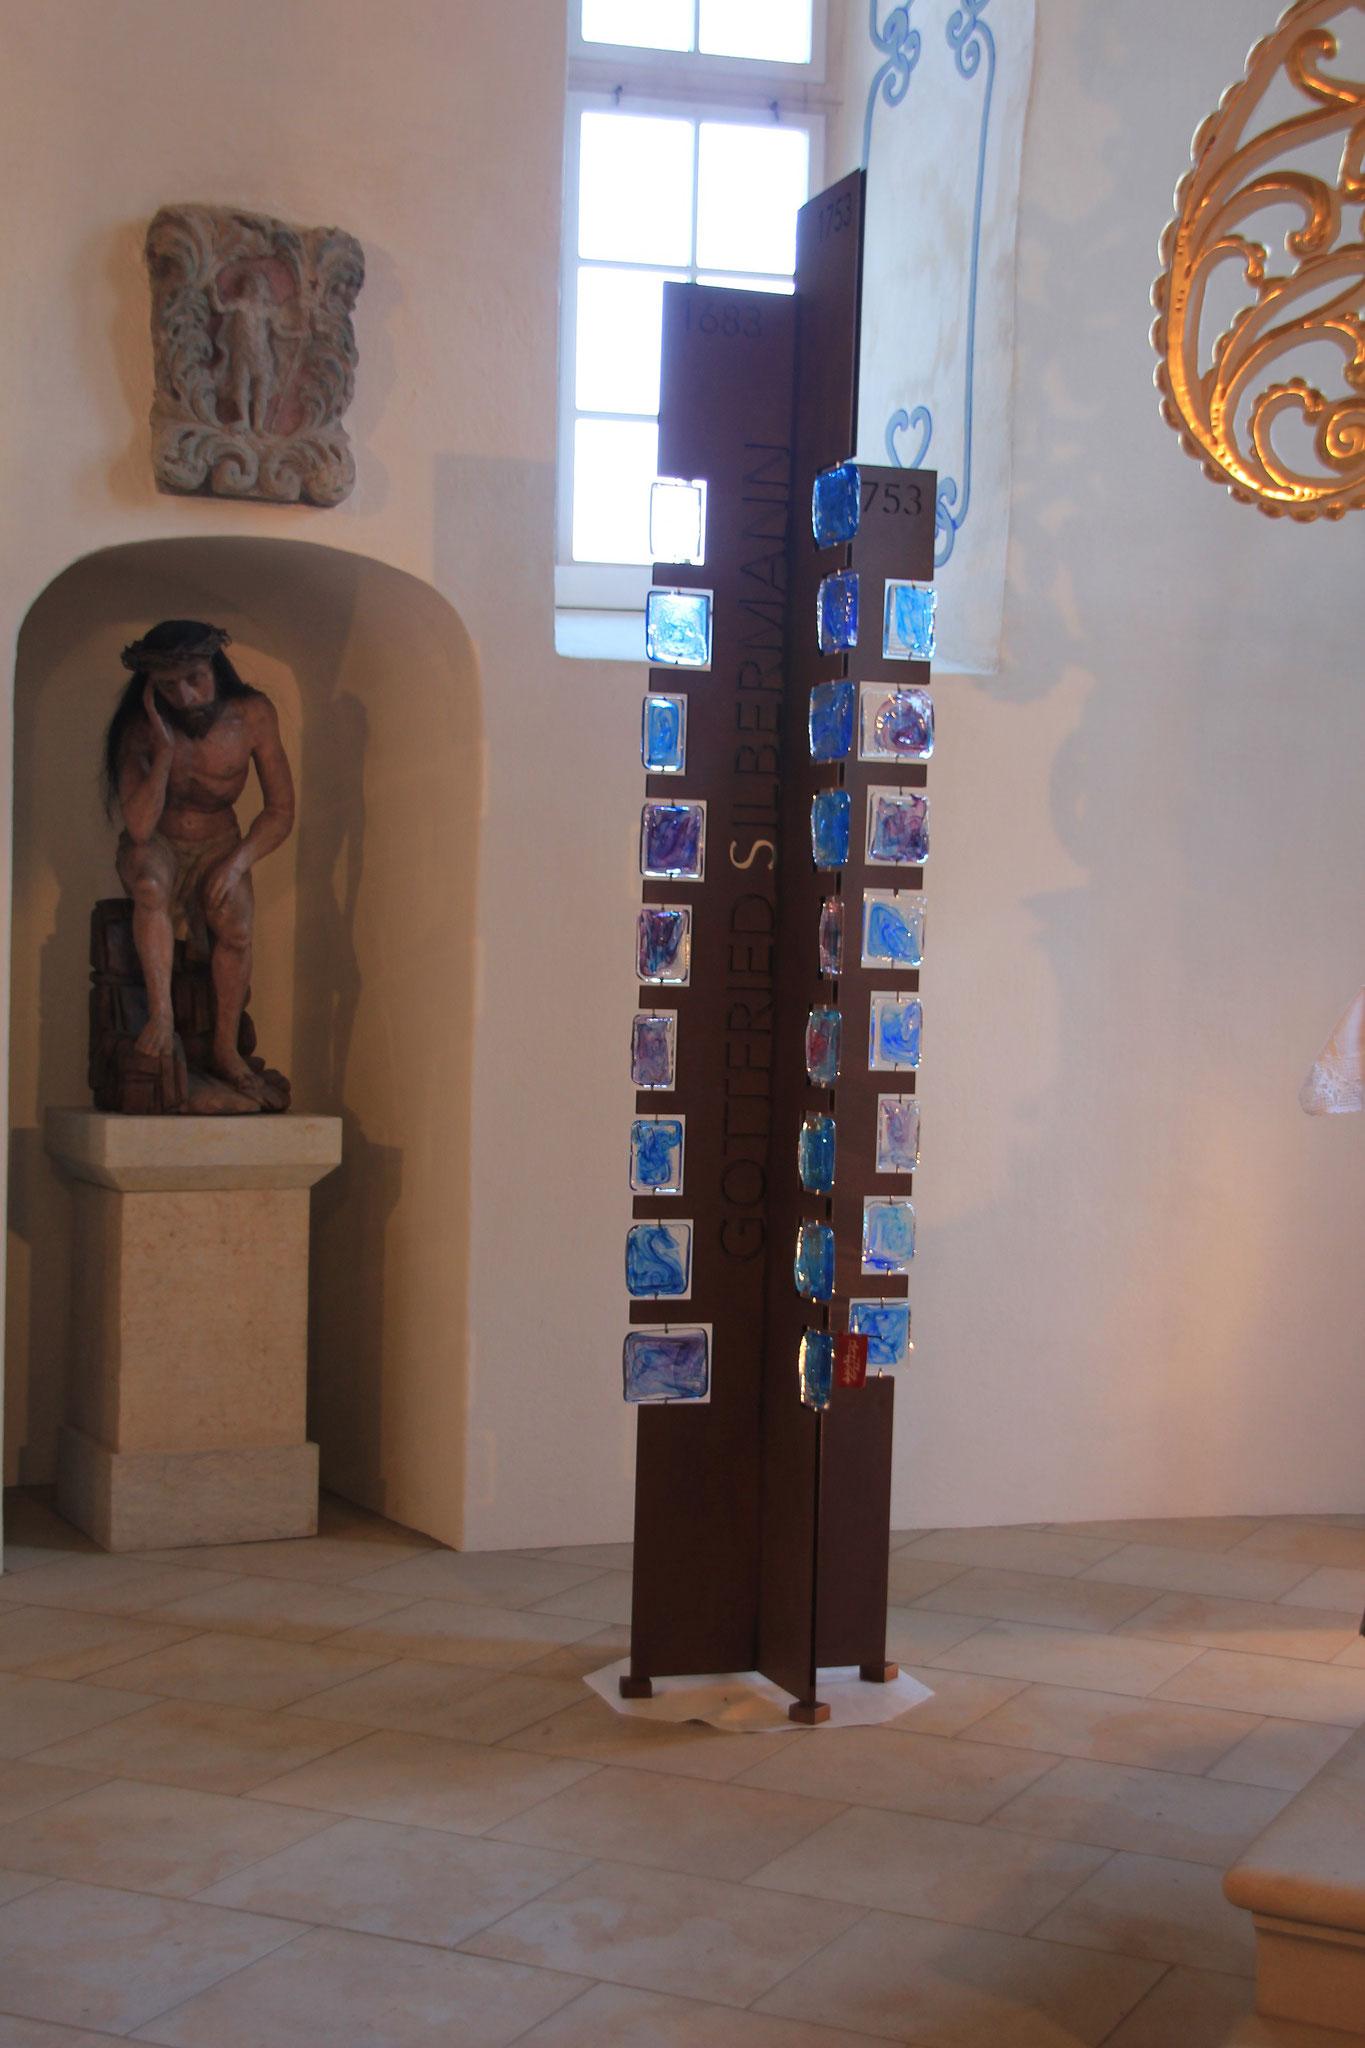 Gedenkstele im Altarraum der Kirche in Pfaffroda/ Sachsen